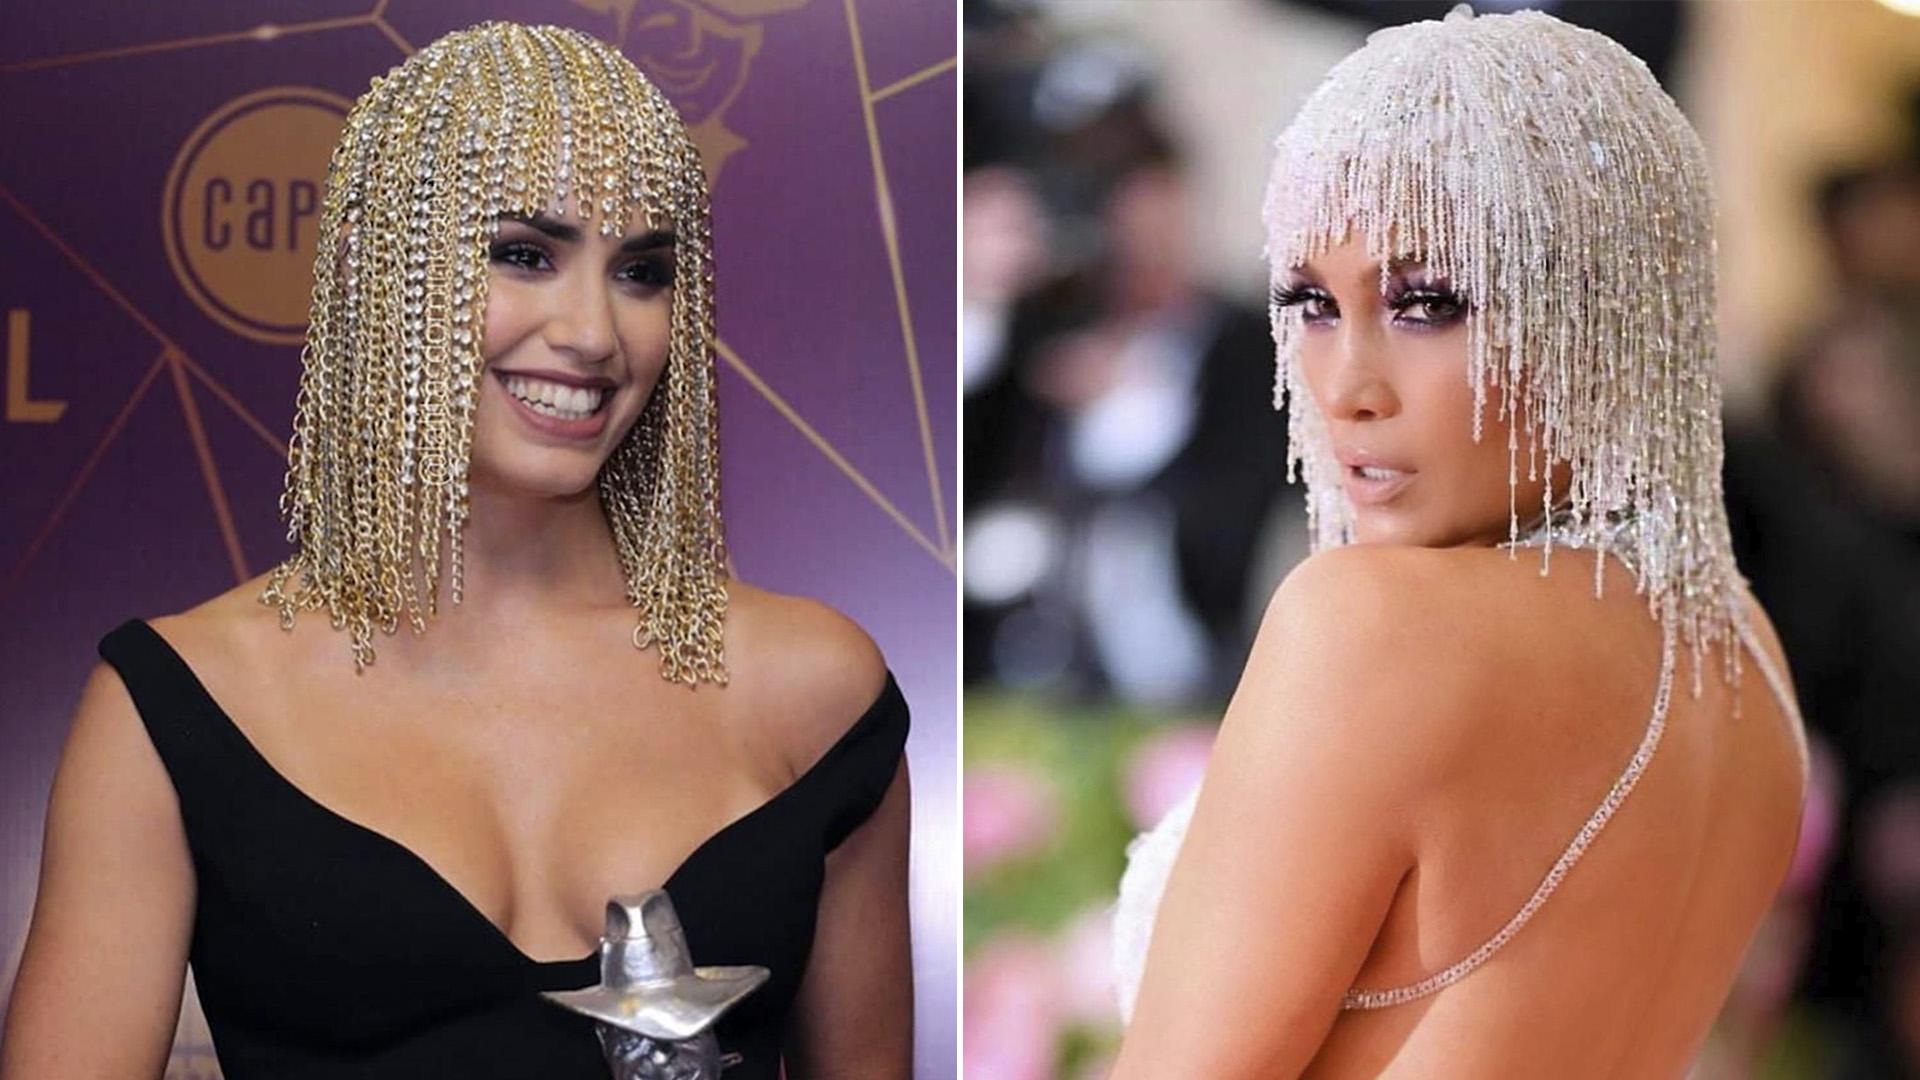 Lali Espósito en los Premios Gardel 2019 y Jennifer Lopez en la MET Gala